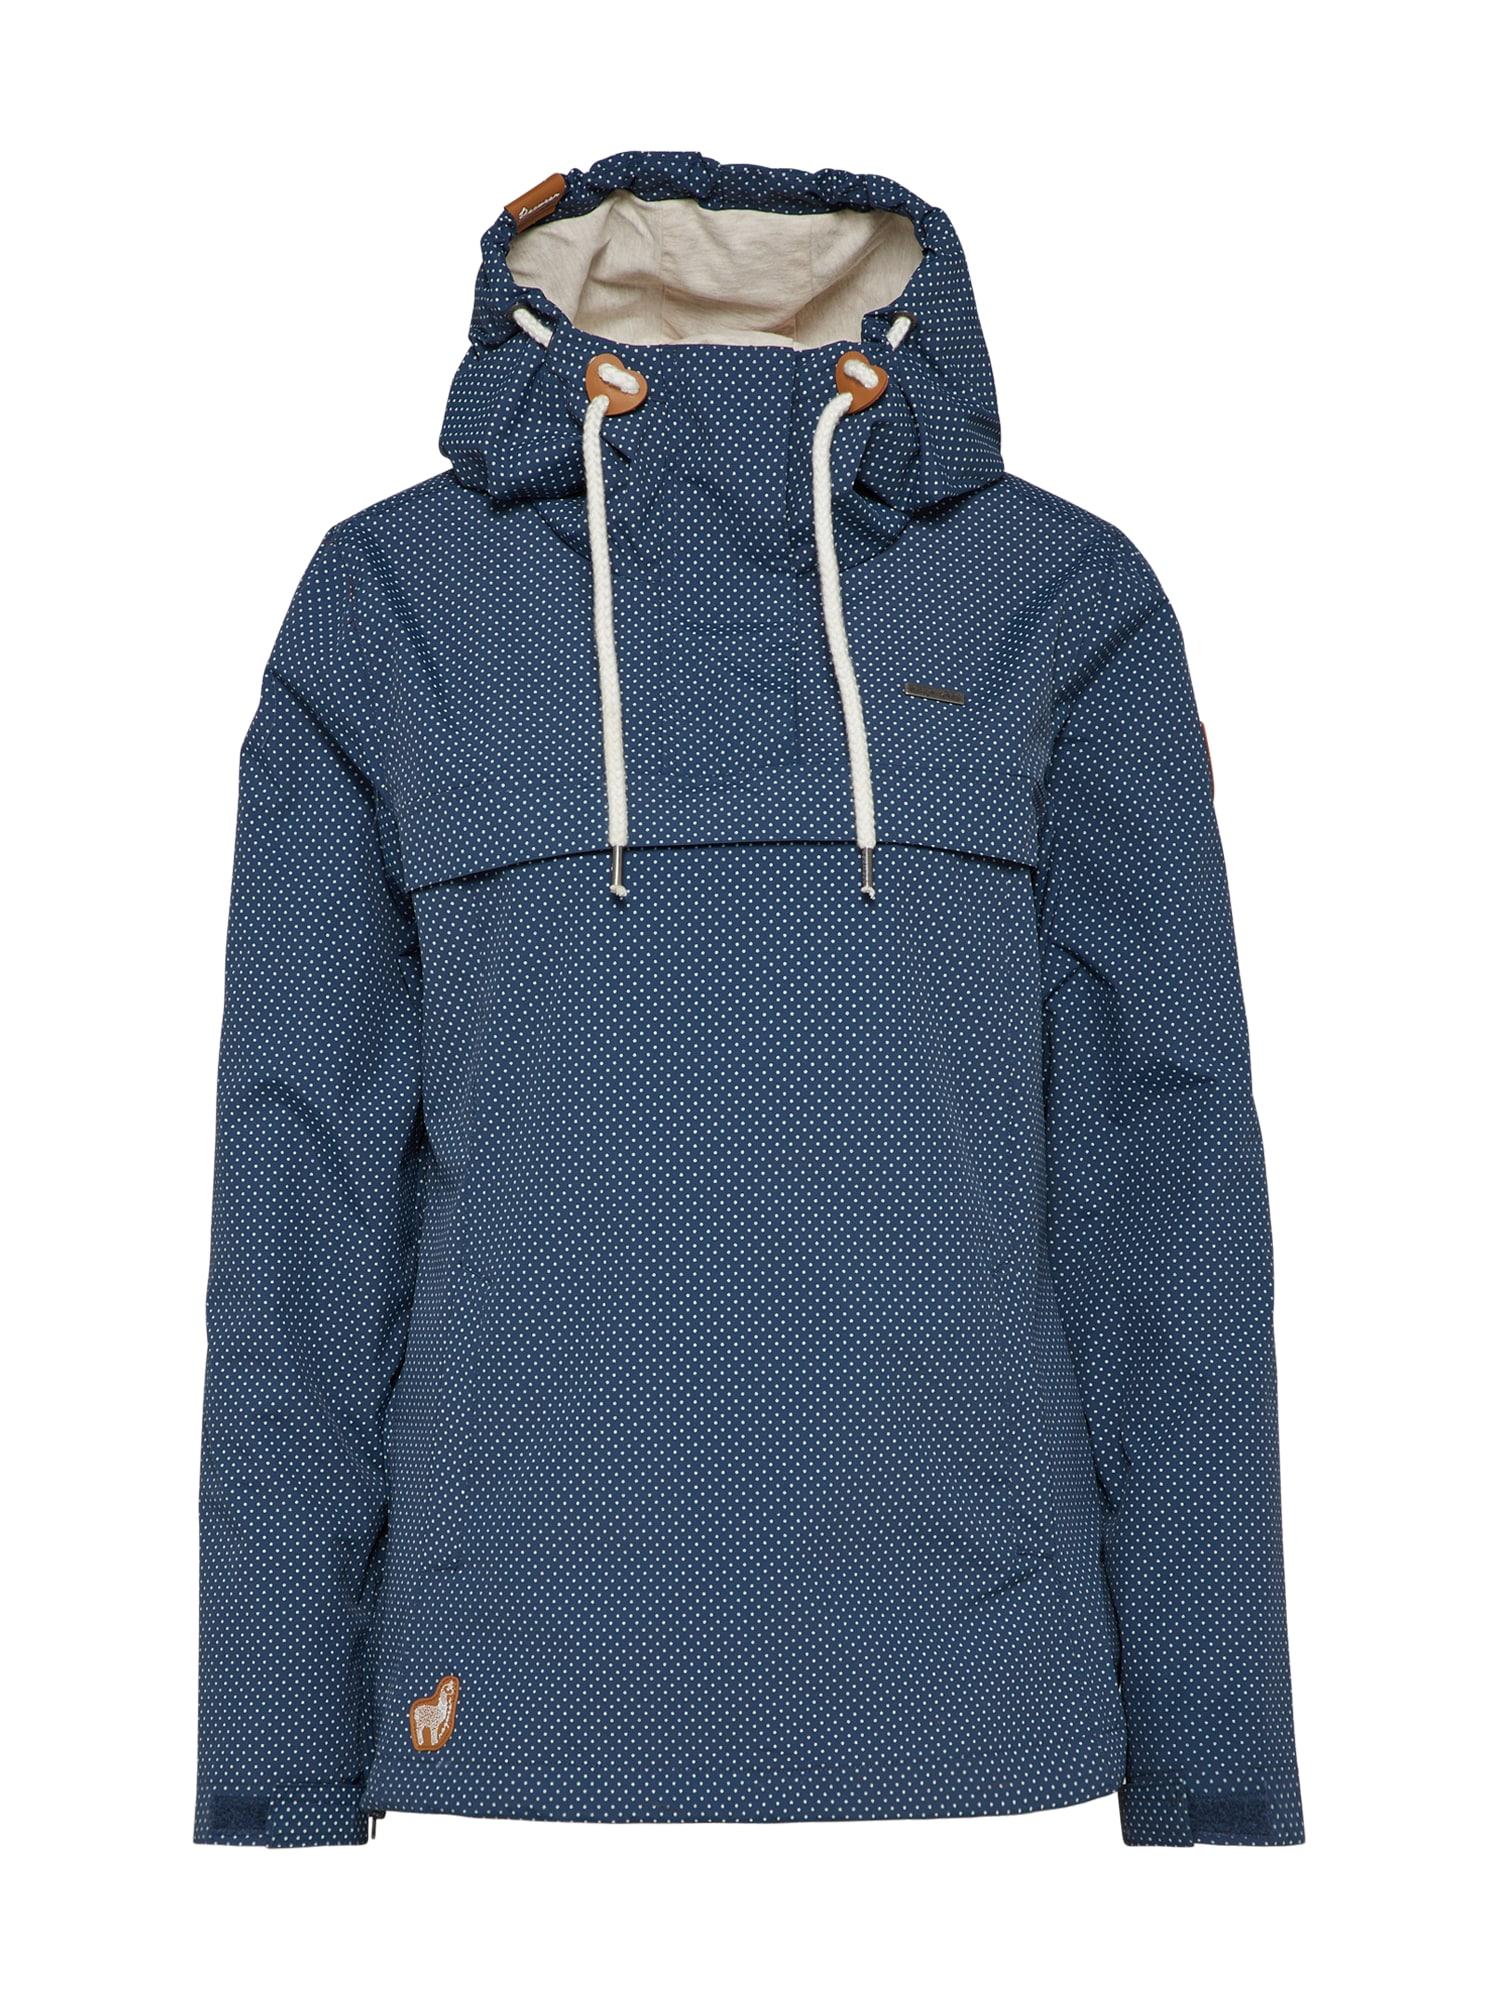 Regenjacke 'MELANY DOTS' | Sportbekleidung > Sportjacken > Regenjacken | Ragwear